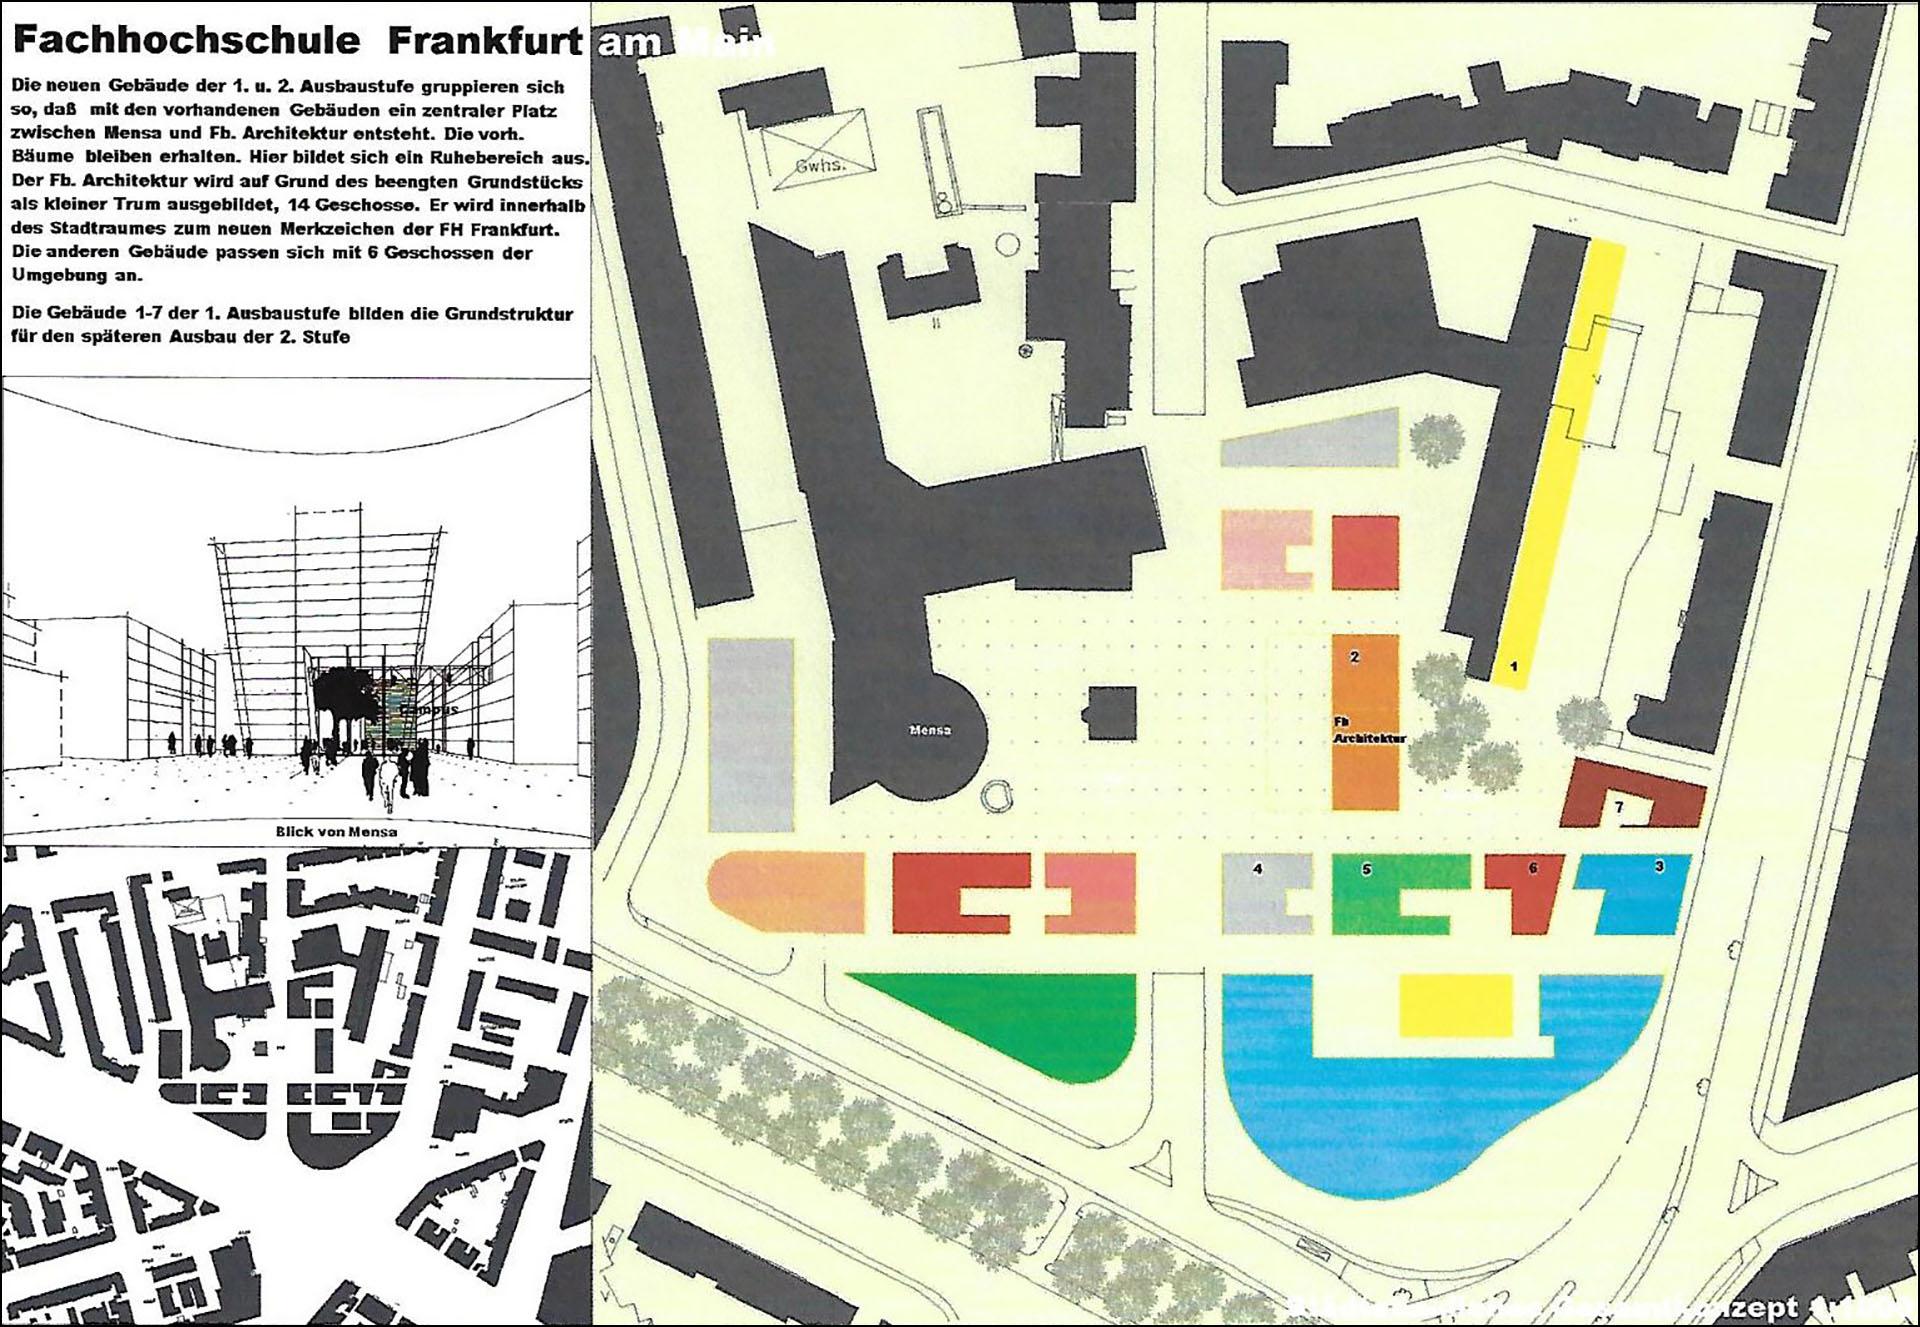 Fachhochschule Frankfurt / 1999 – Grüttner Architekten